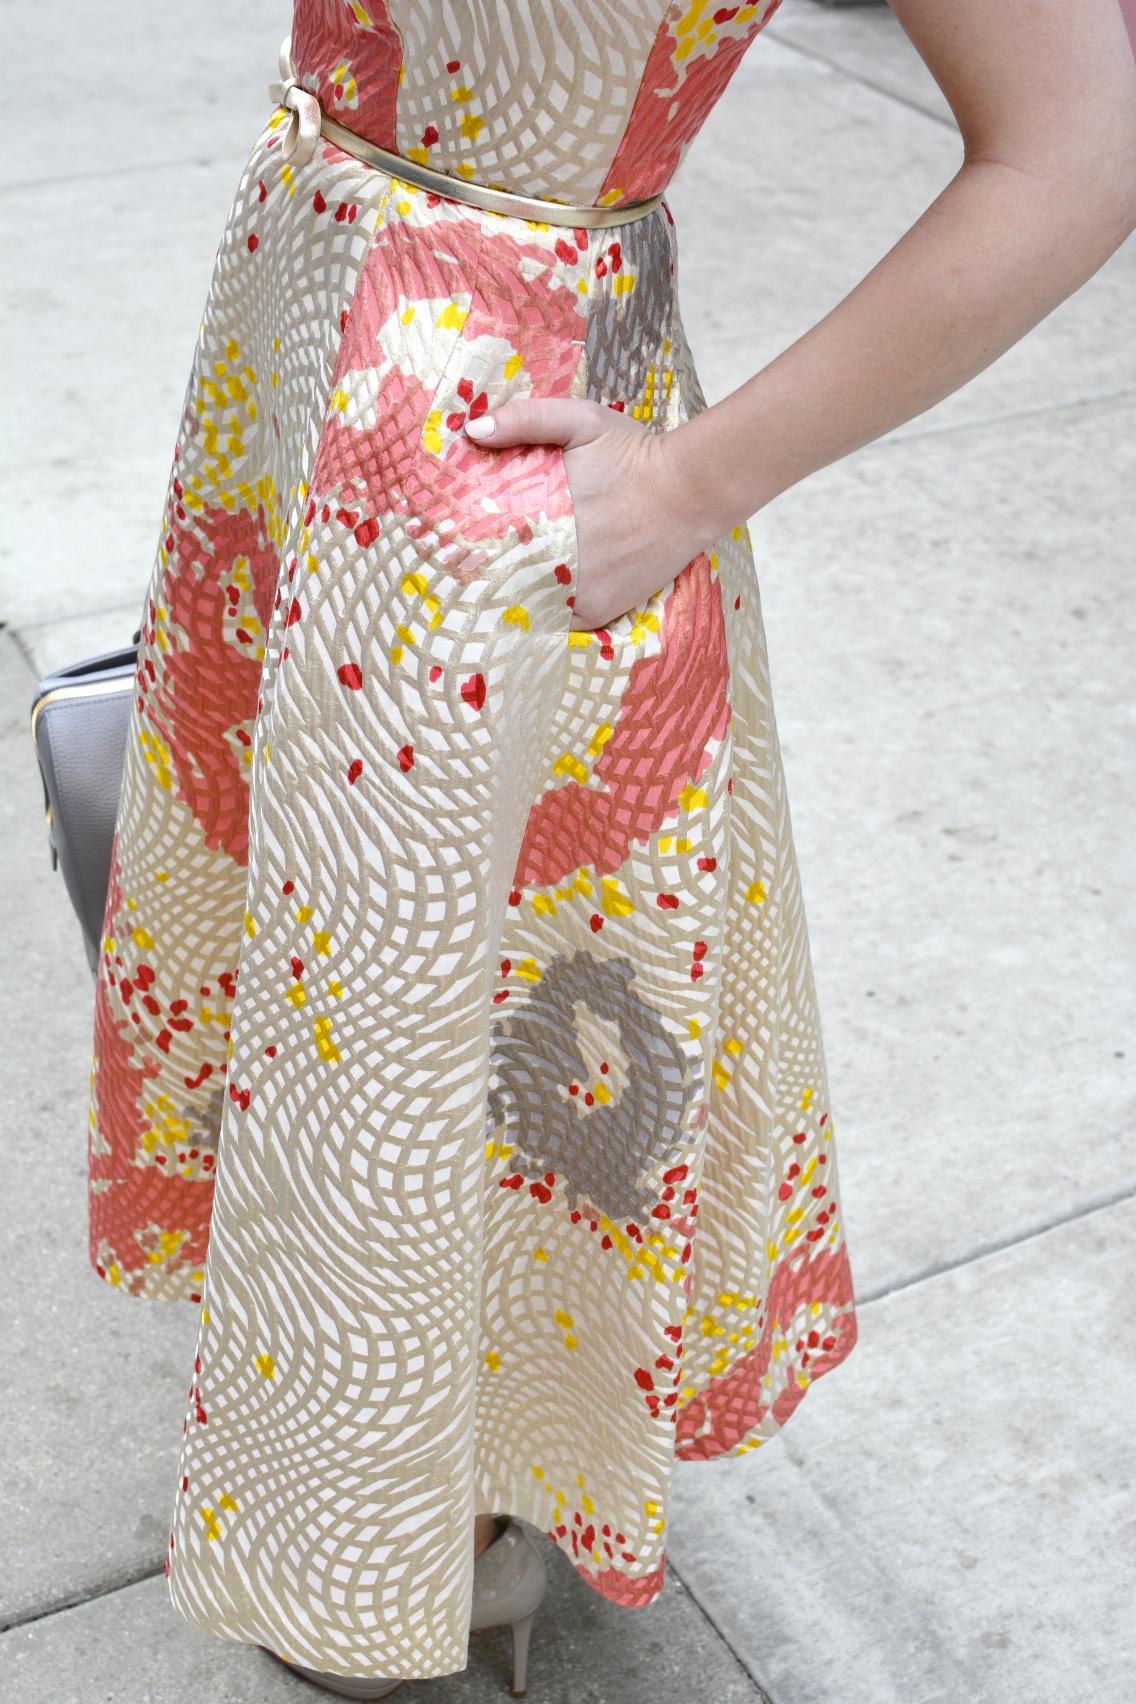 LK Bennett Chicago Gardo Jacquard Dress Sprinkles Cupcakes 11